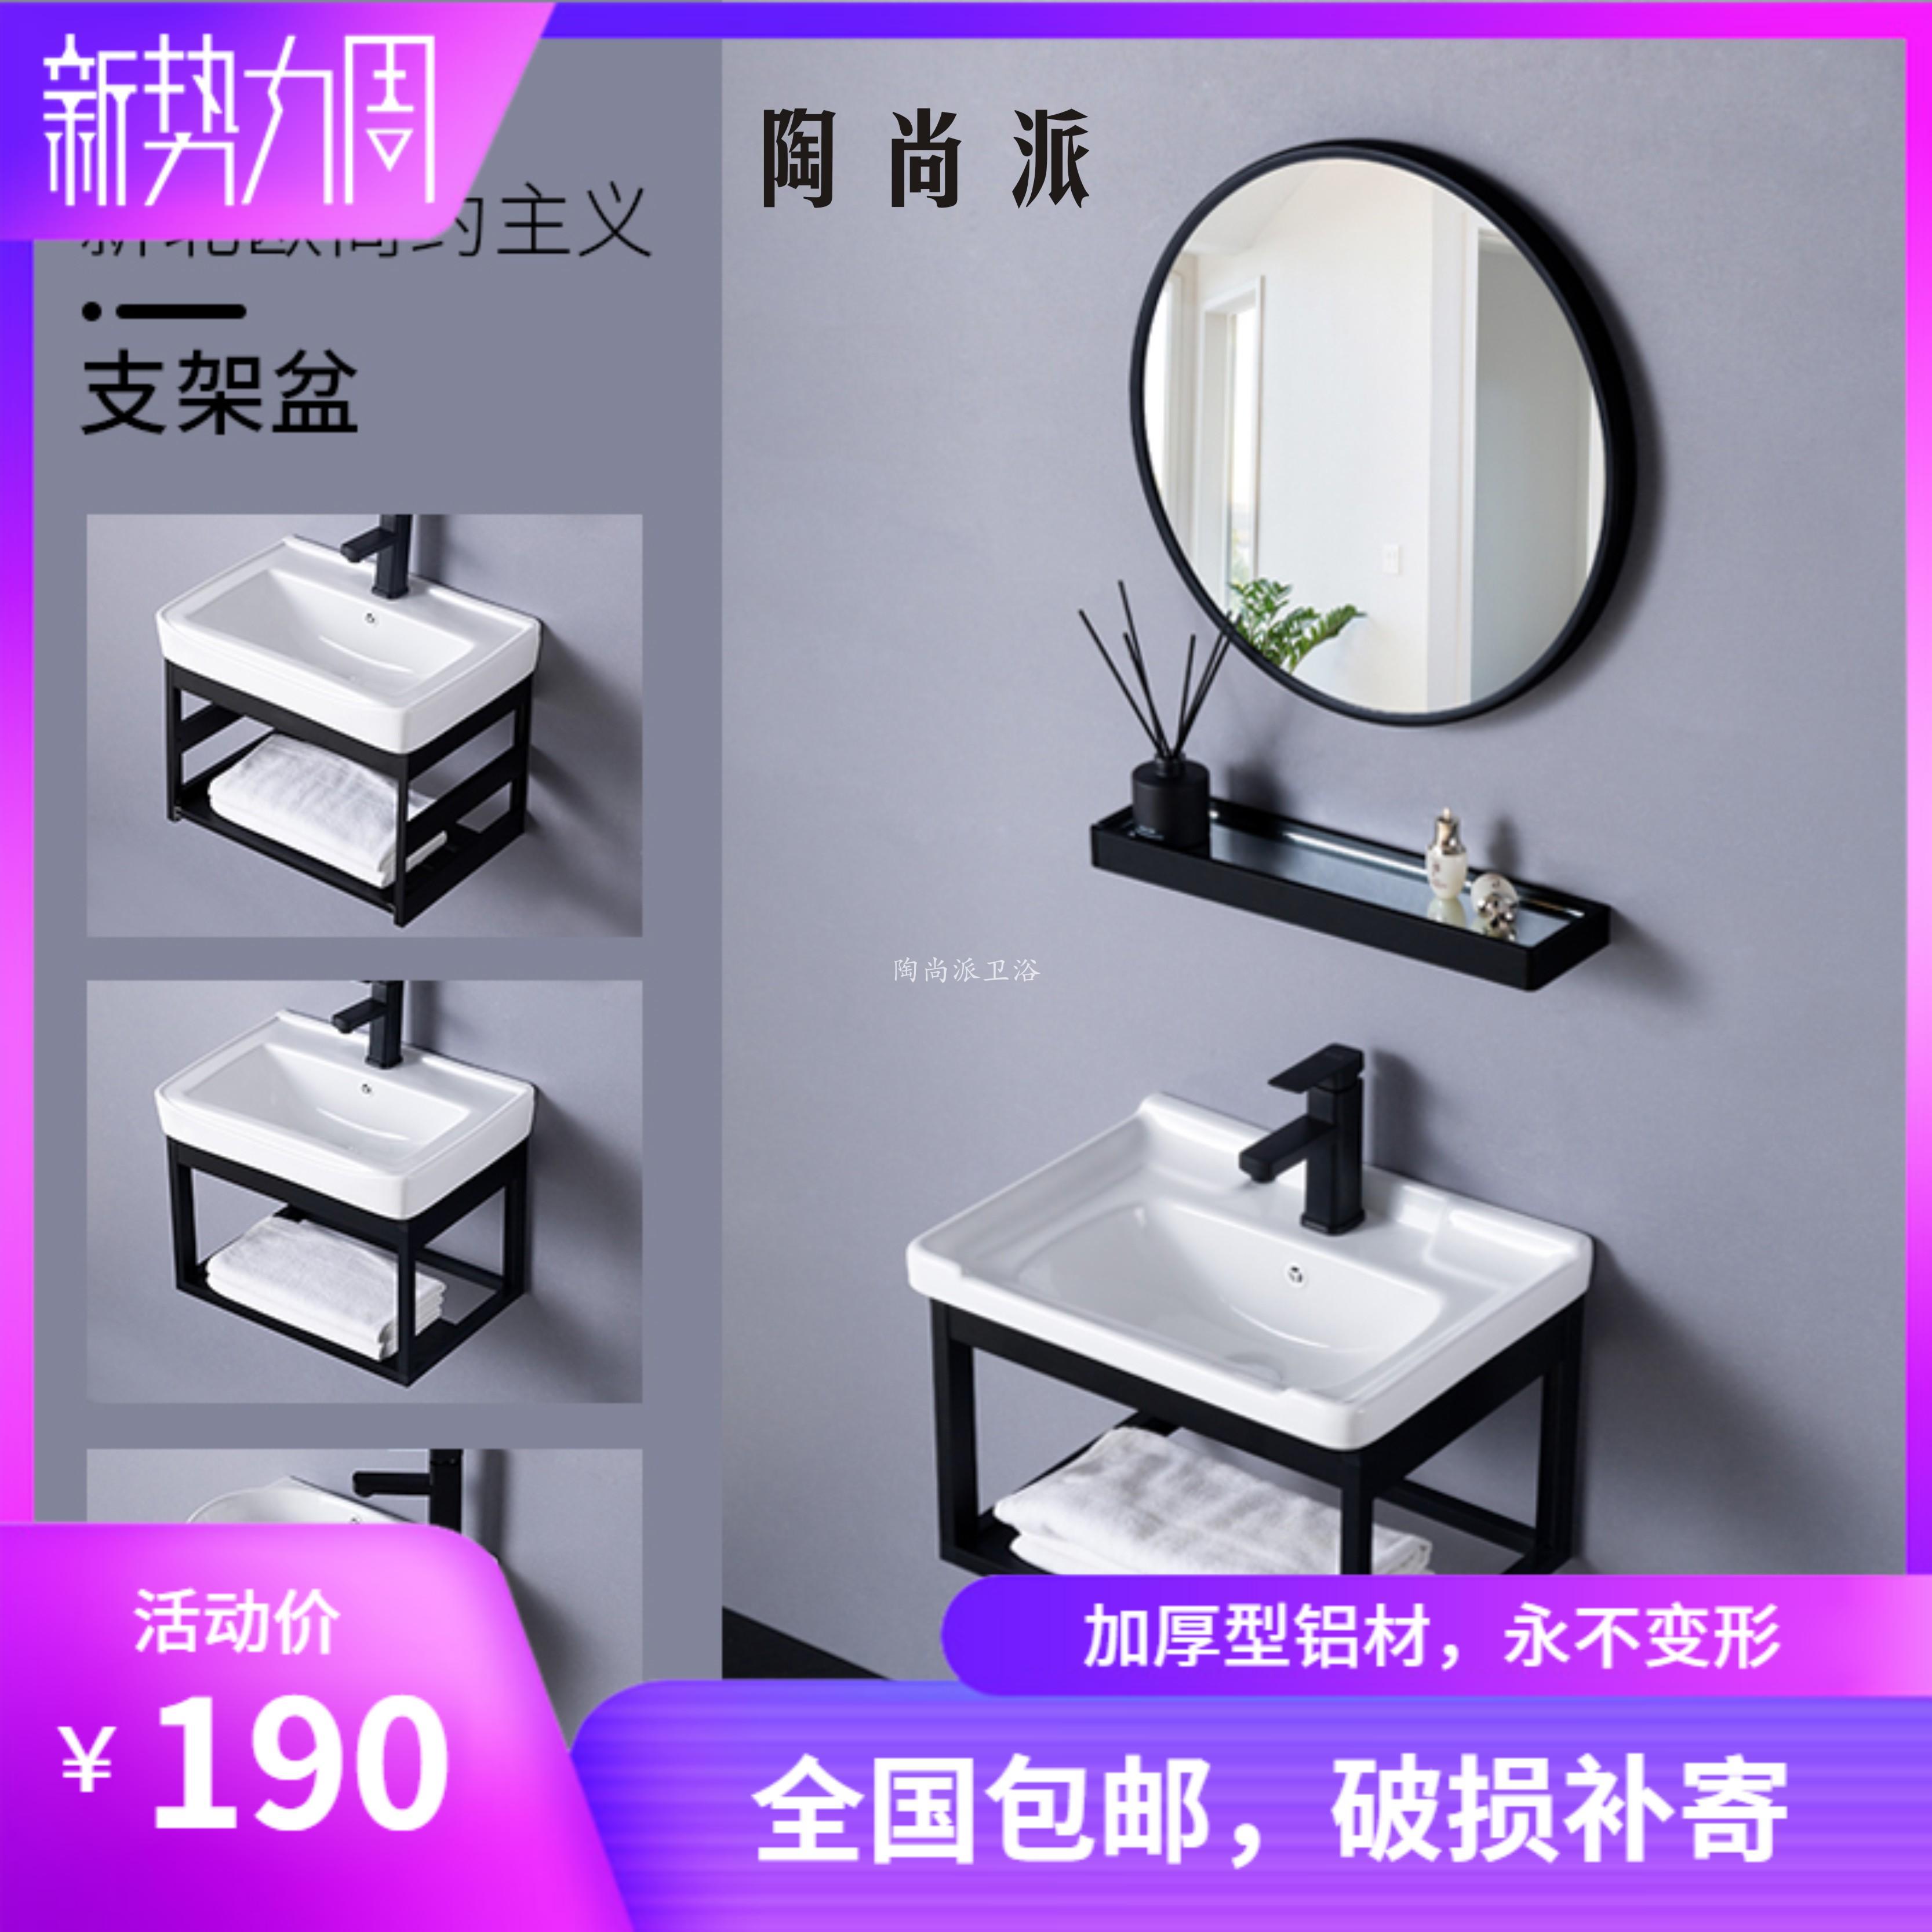 北欧の壁式の手洗器の家庭用の洗面台のトイレの陶磁器の小さい戸形の組み合わせの浴室のカウンターに掛かって洗面します。